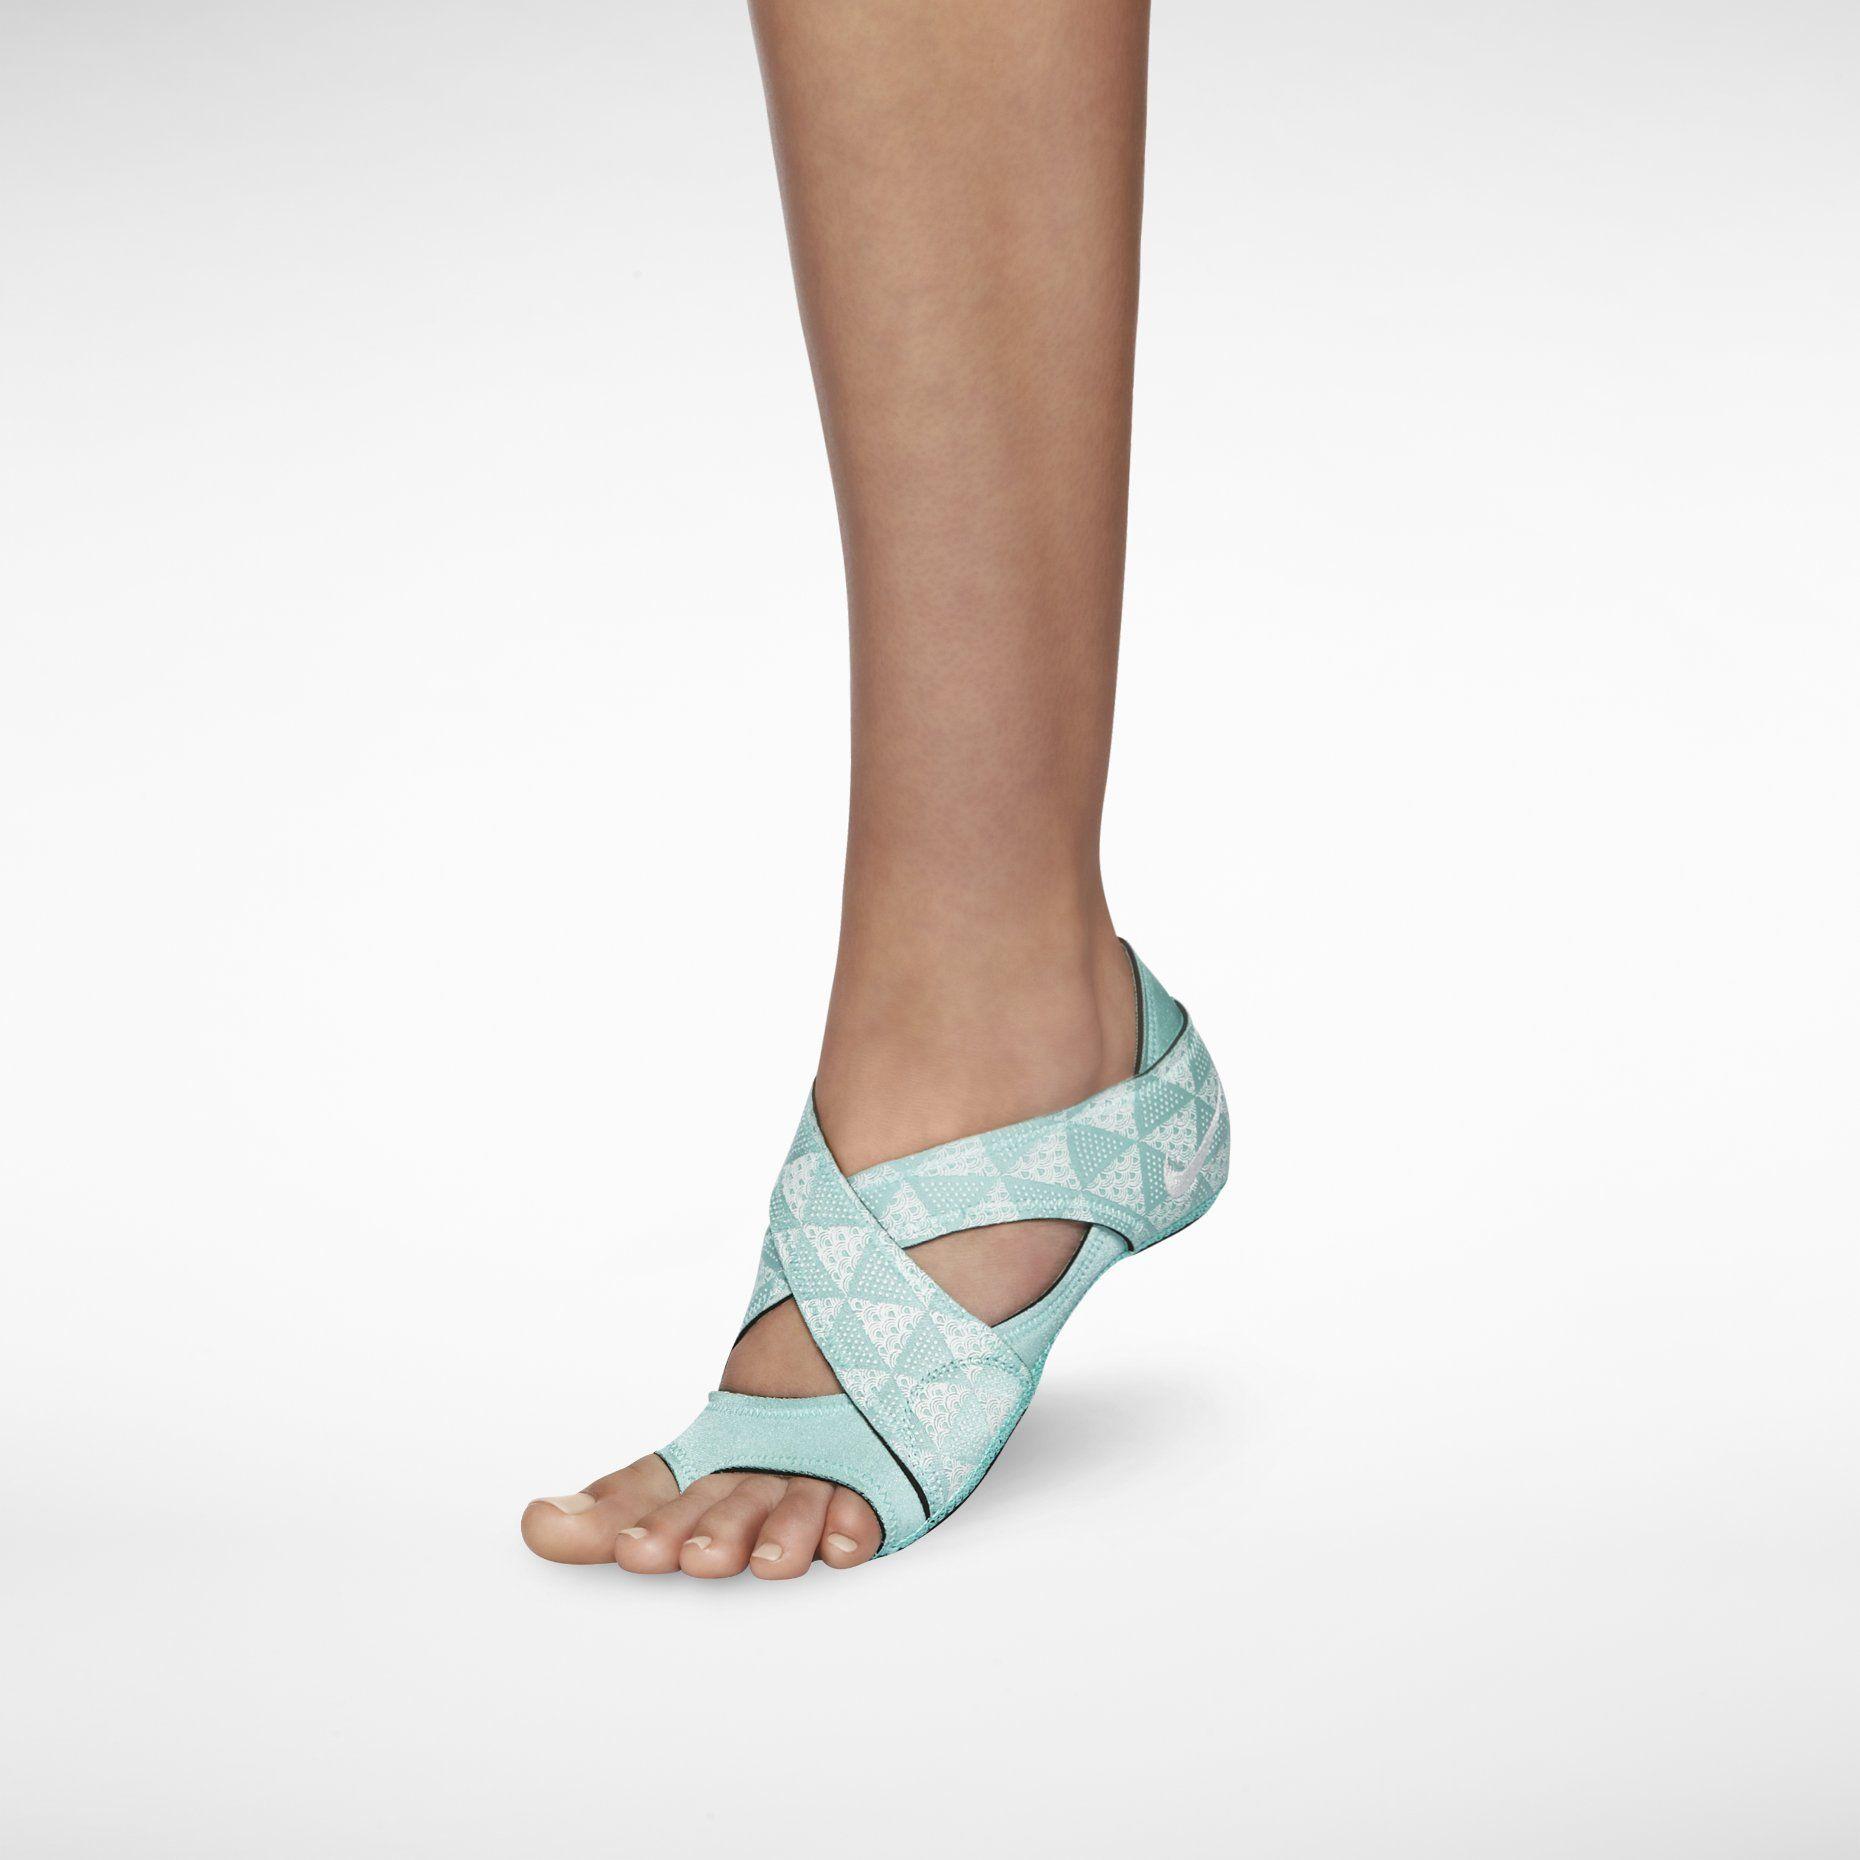 92f5b7cf9ffbb9 Nike Women s Yoga Socks